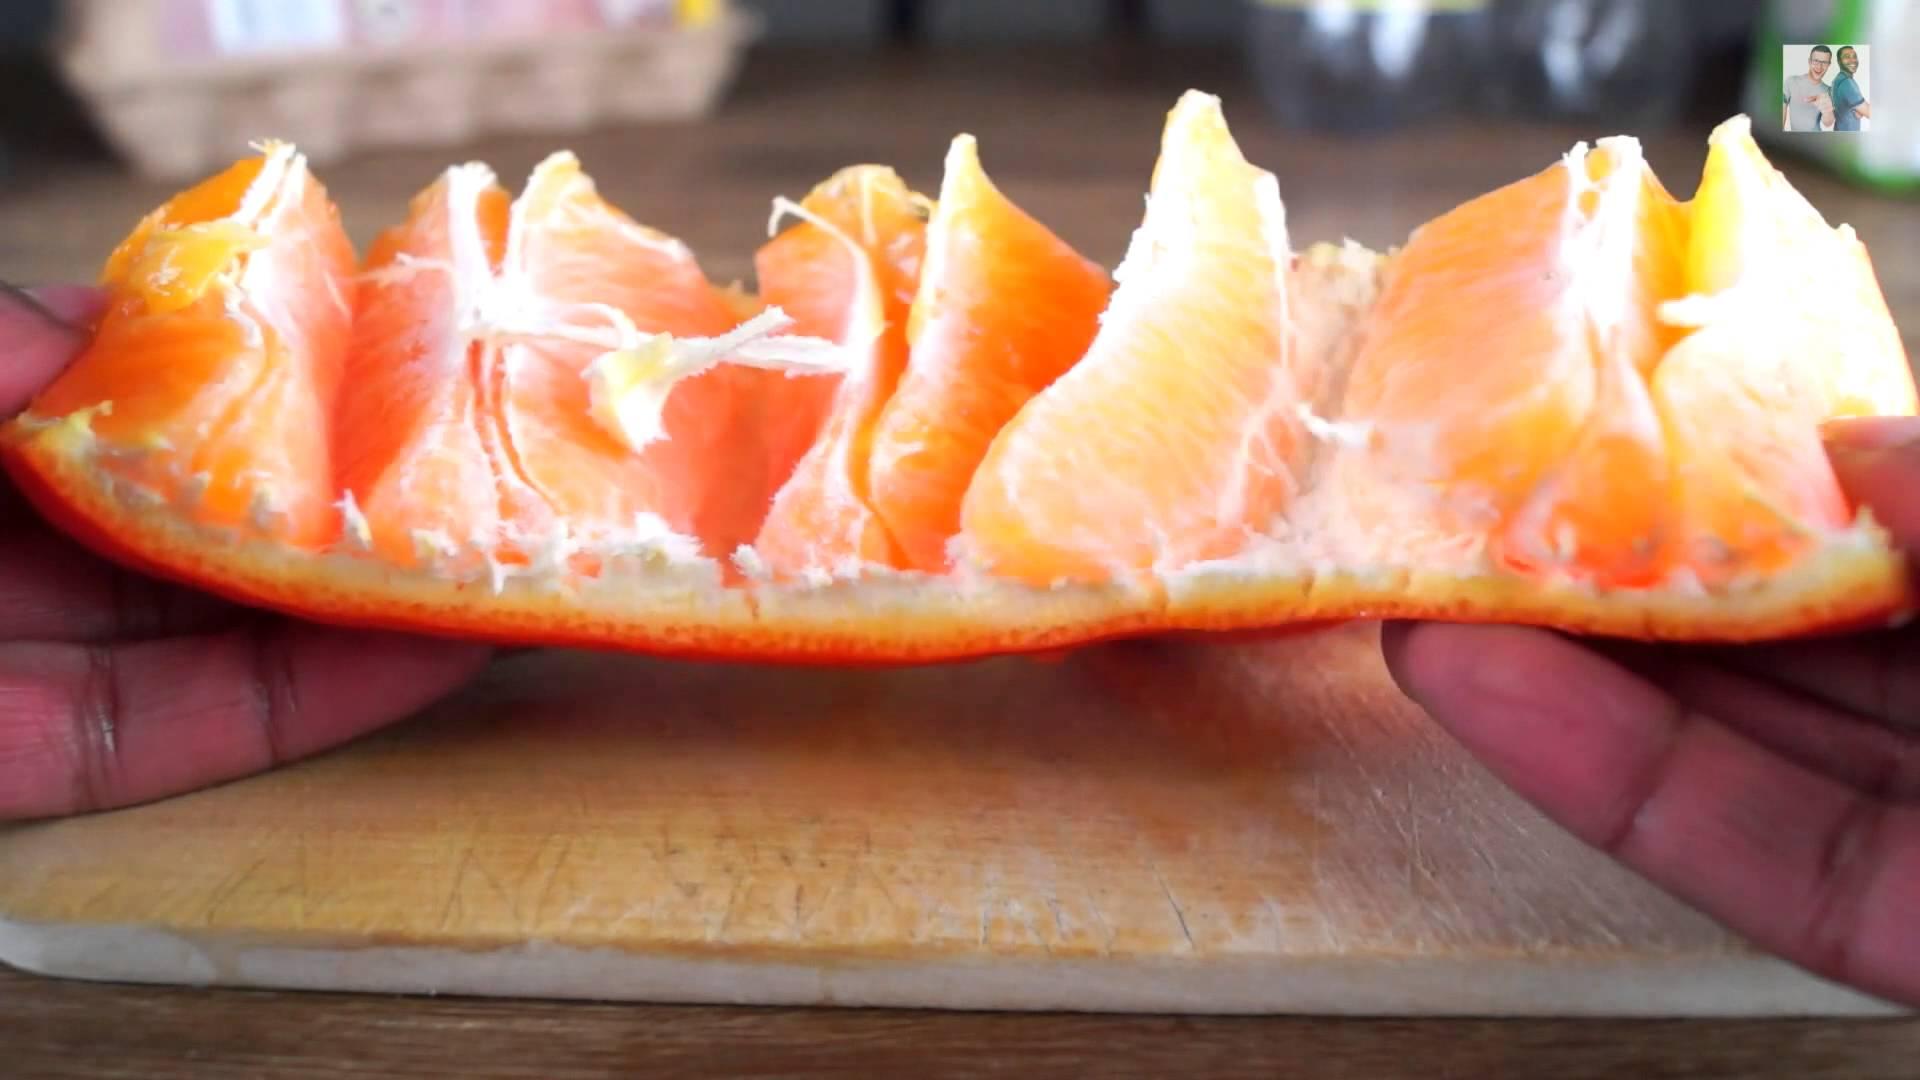 これは便利! オレンジの皮を綺麗にむく方法